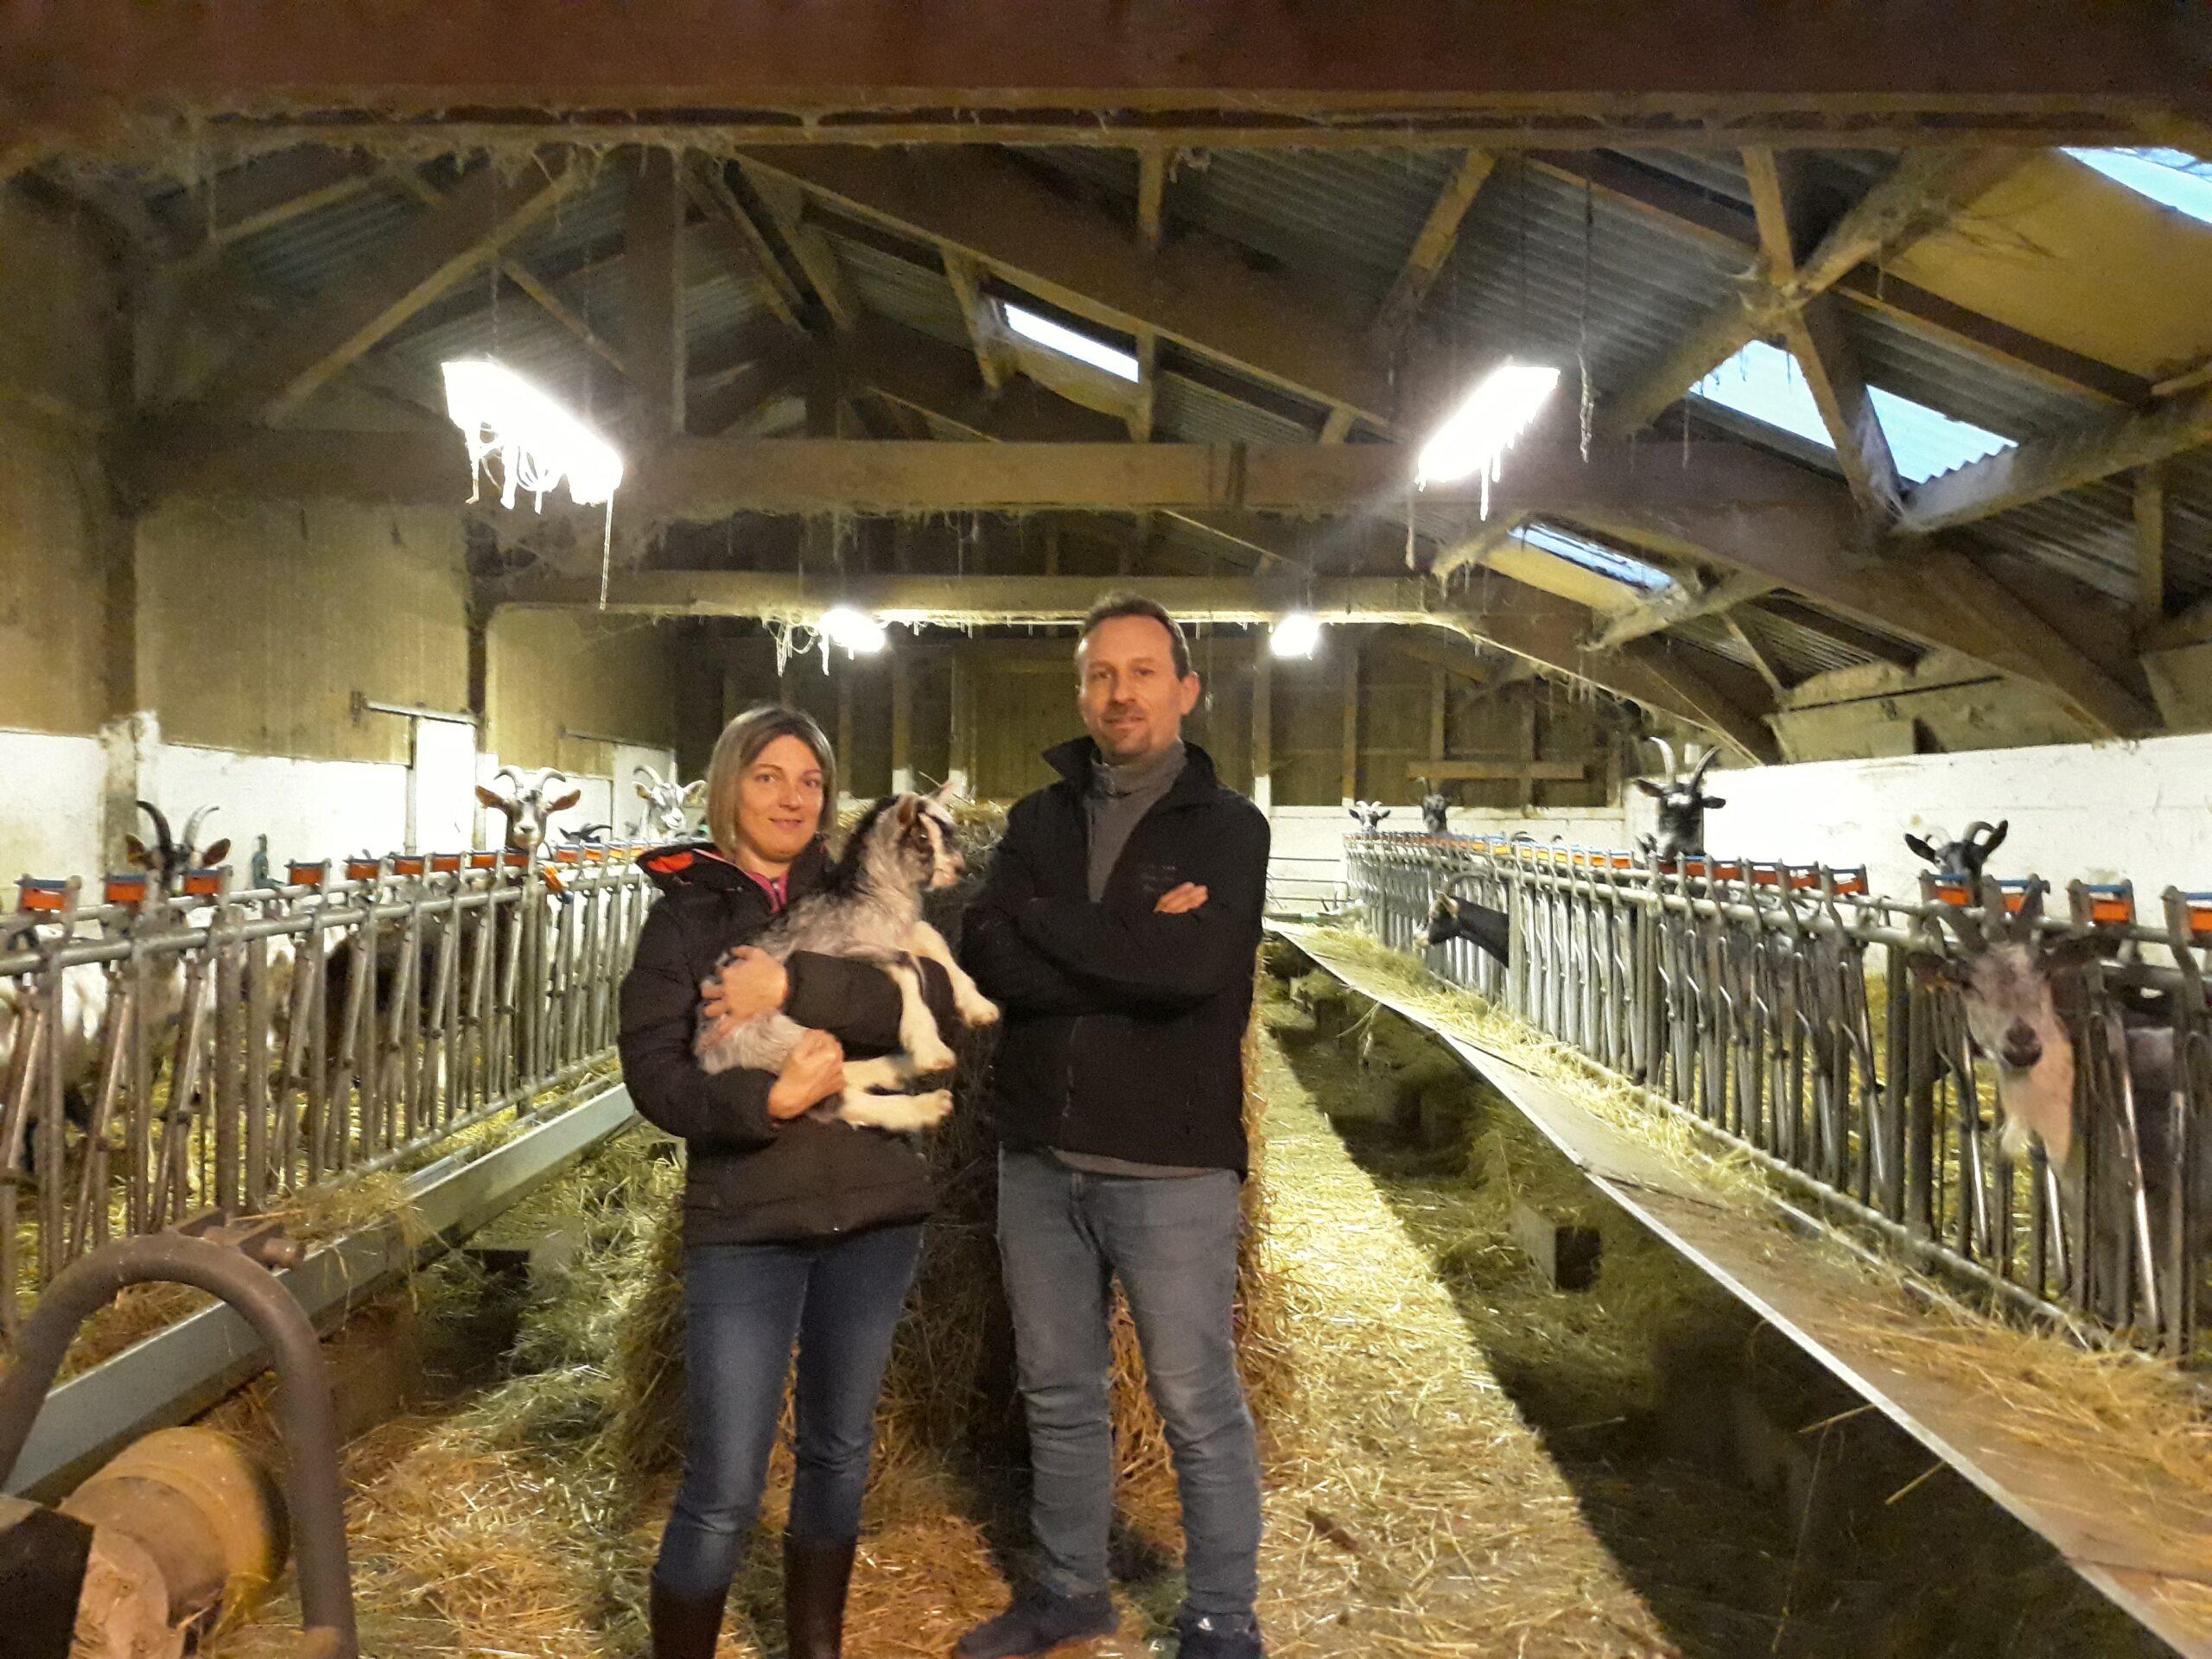 Nouveaux propriétaires (Jérôme Brunat et Stéphanie Marand) de la chèvrerie des Merlusses